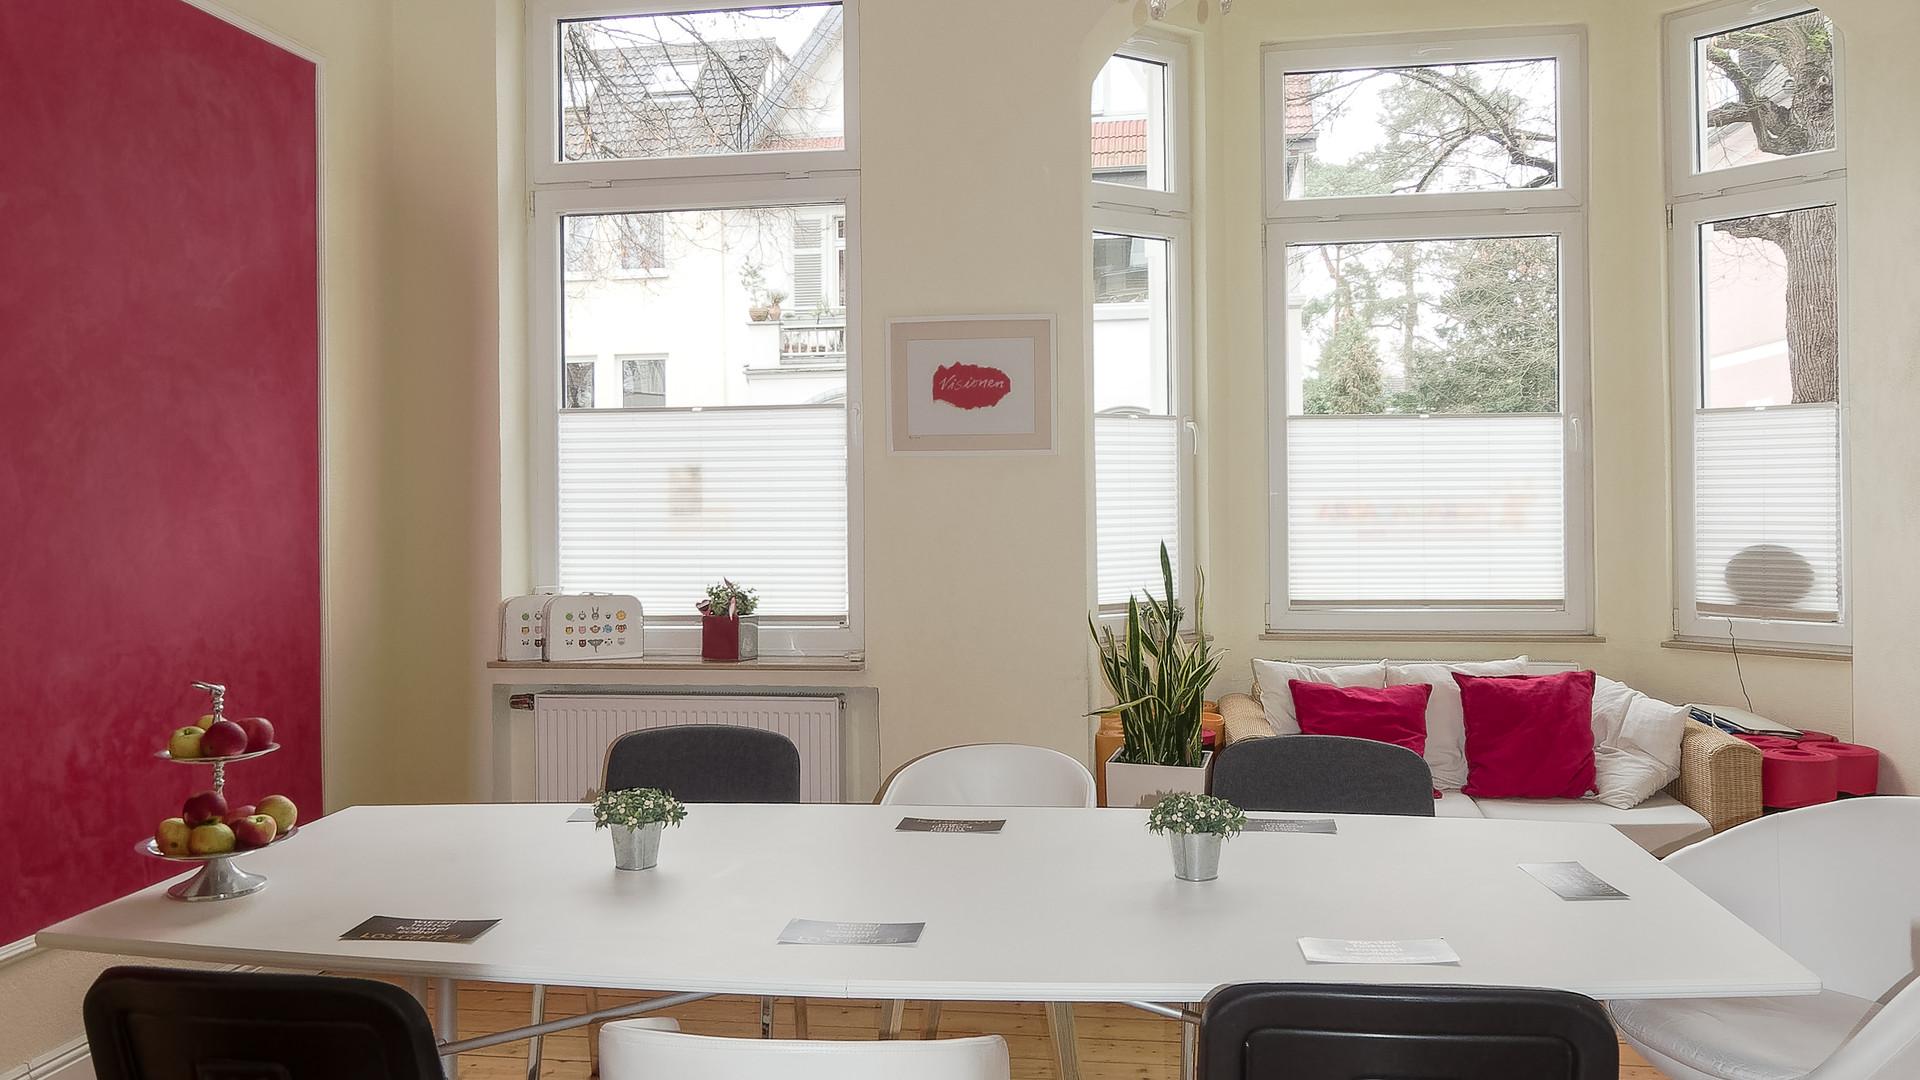 Seminarraum mieten B, Meetingraum mieten für Training, Coaching, Seminar, Workshop, Meeting bei relaxolution Bonn